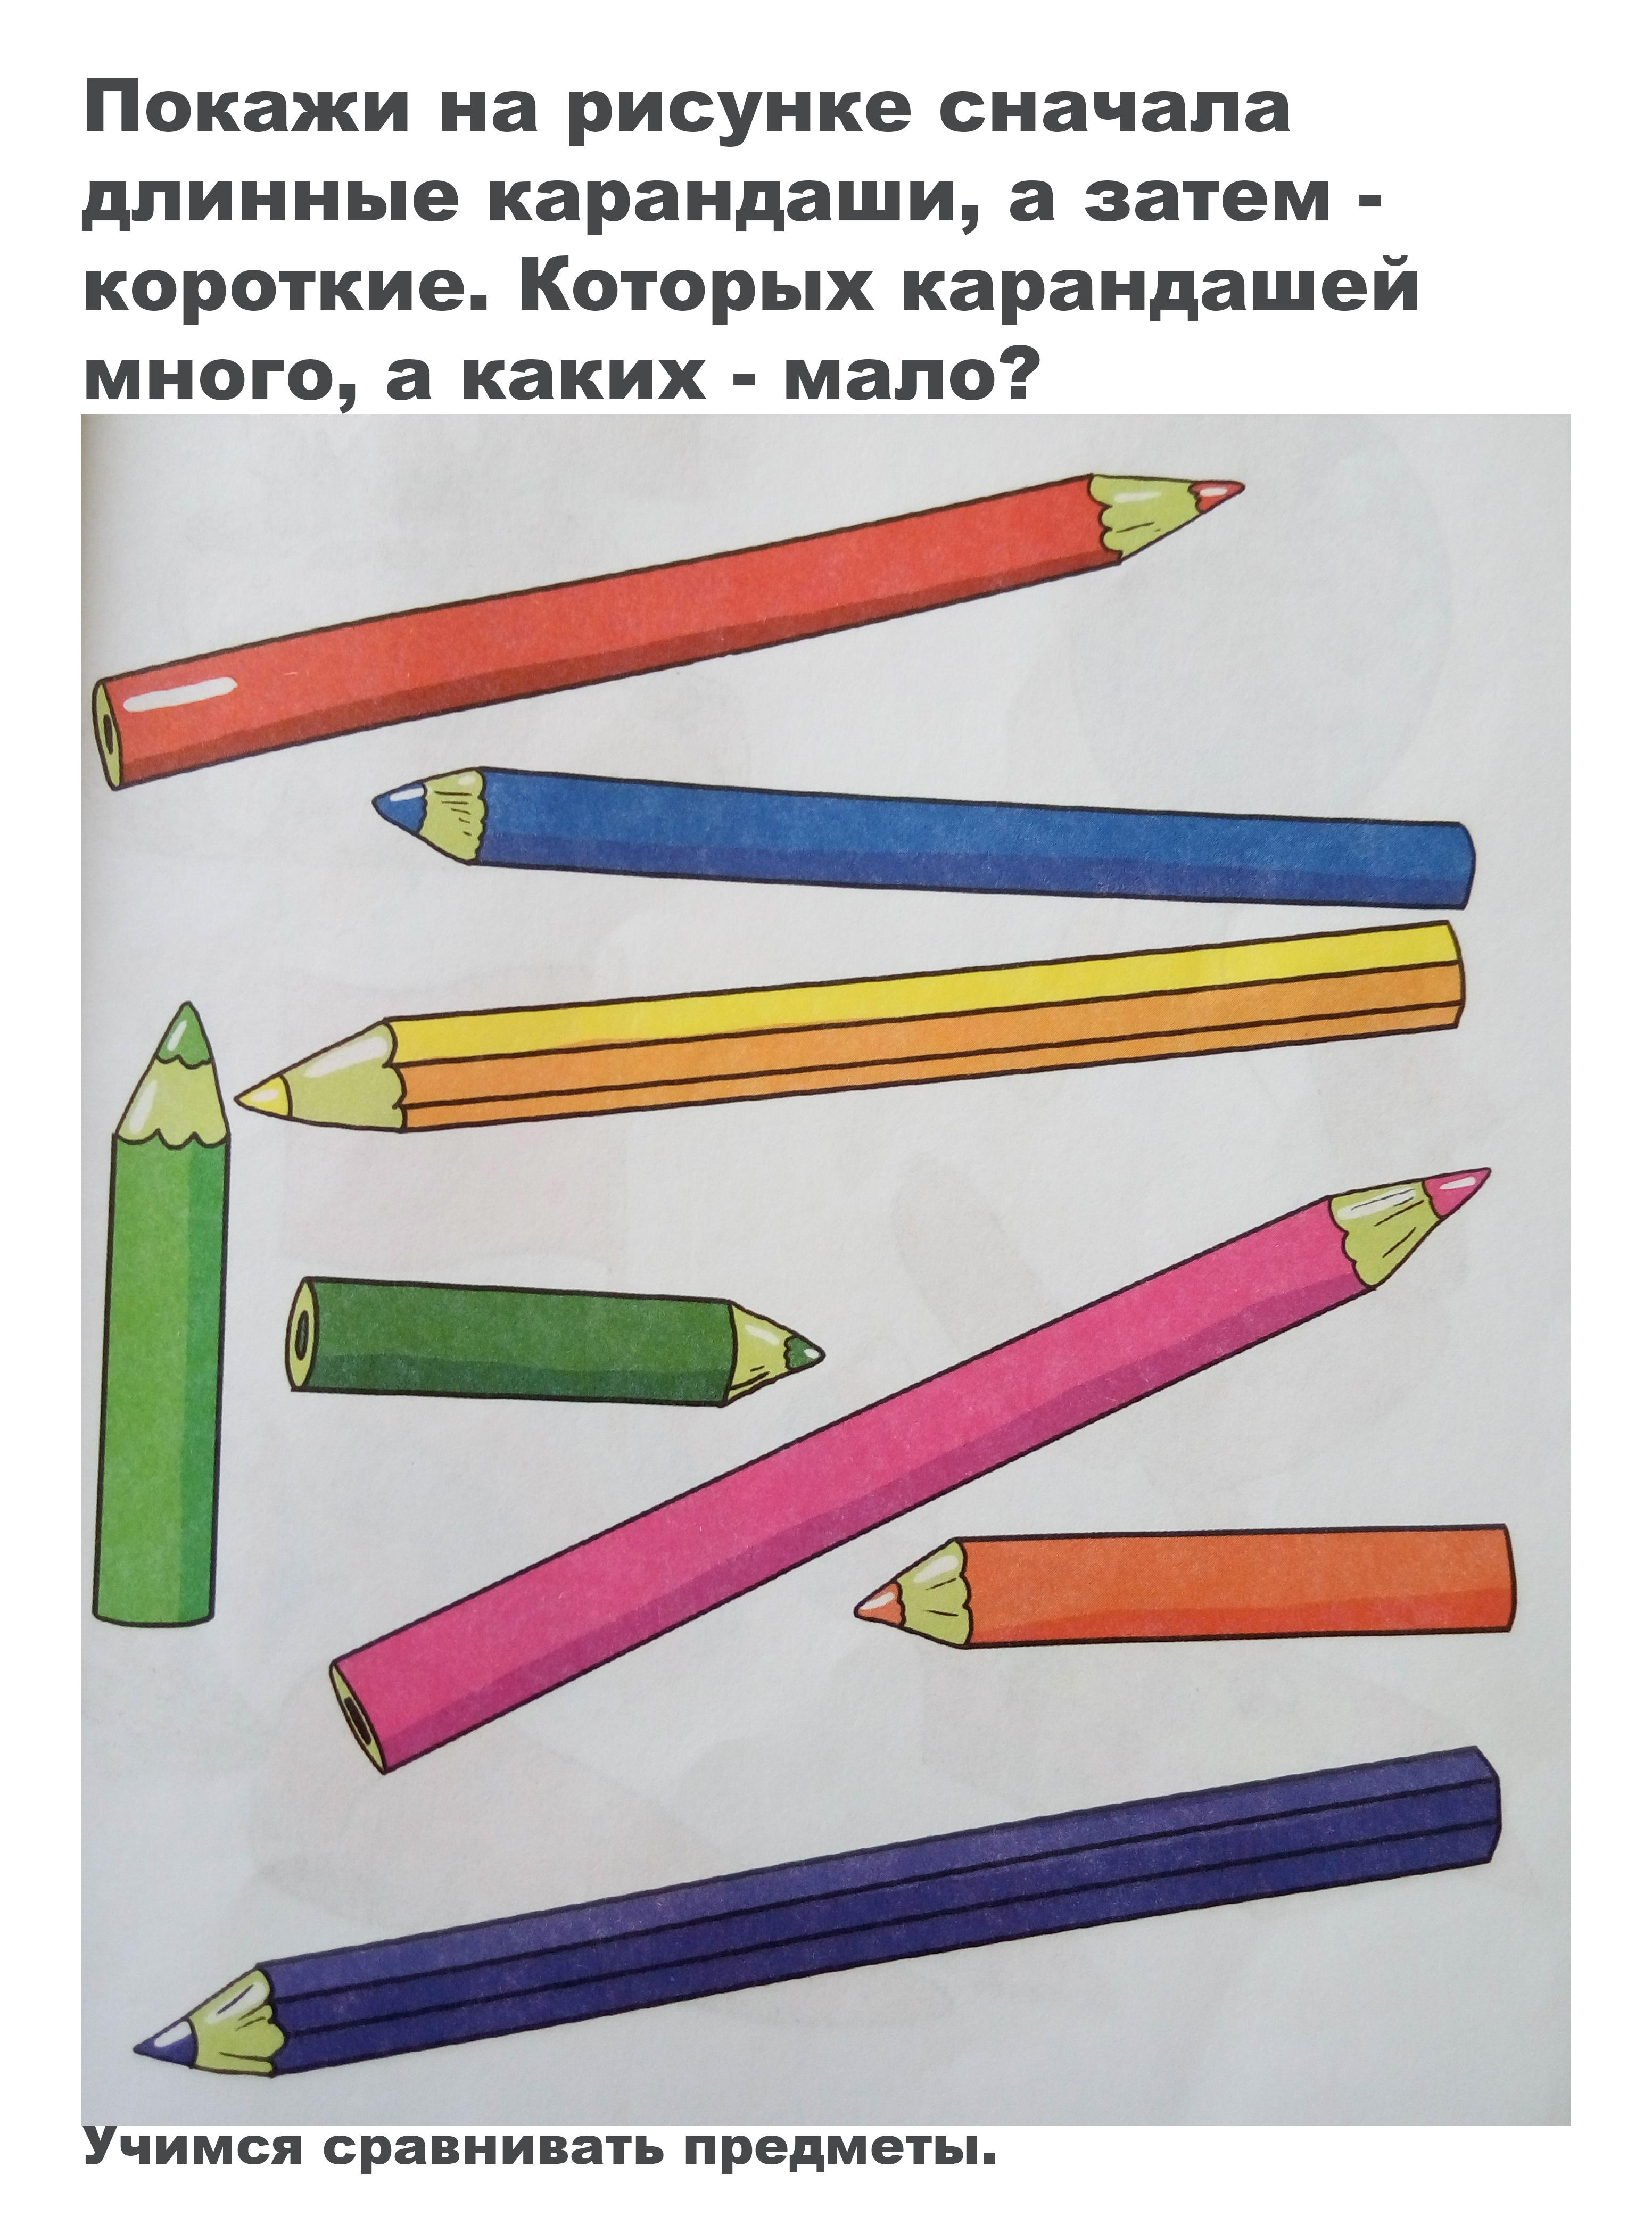 zanyatiya-dlya-detej-s-mamoj-2-3-goda19